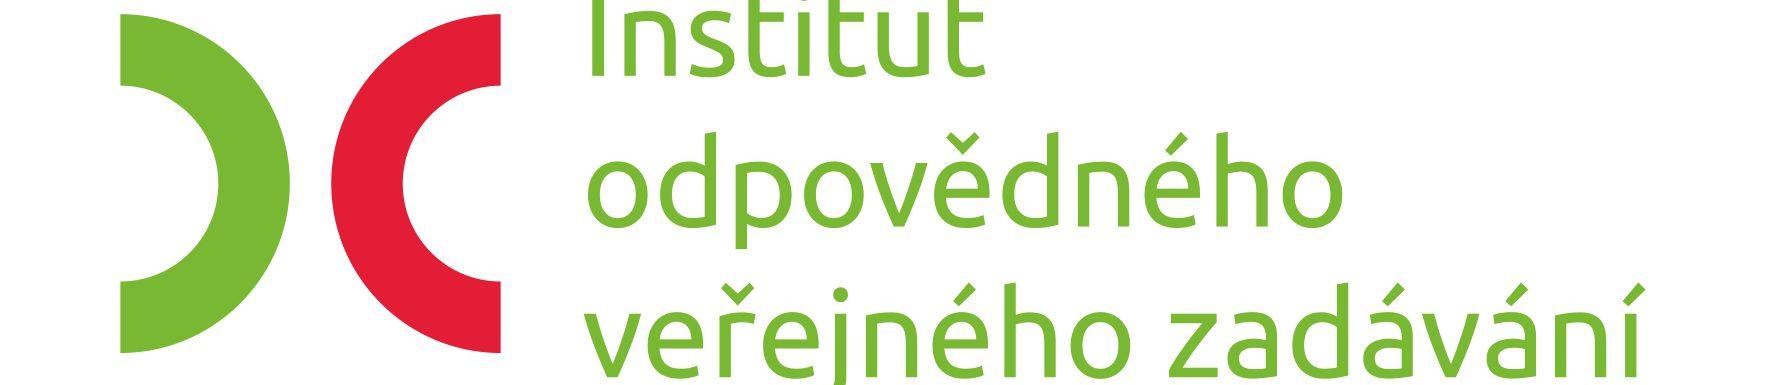 Nový vzdělávací Institut odpovědného veřejného zadávání otevírá v září